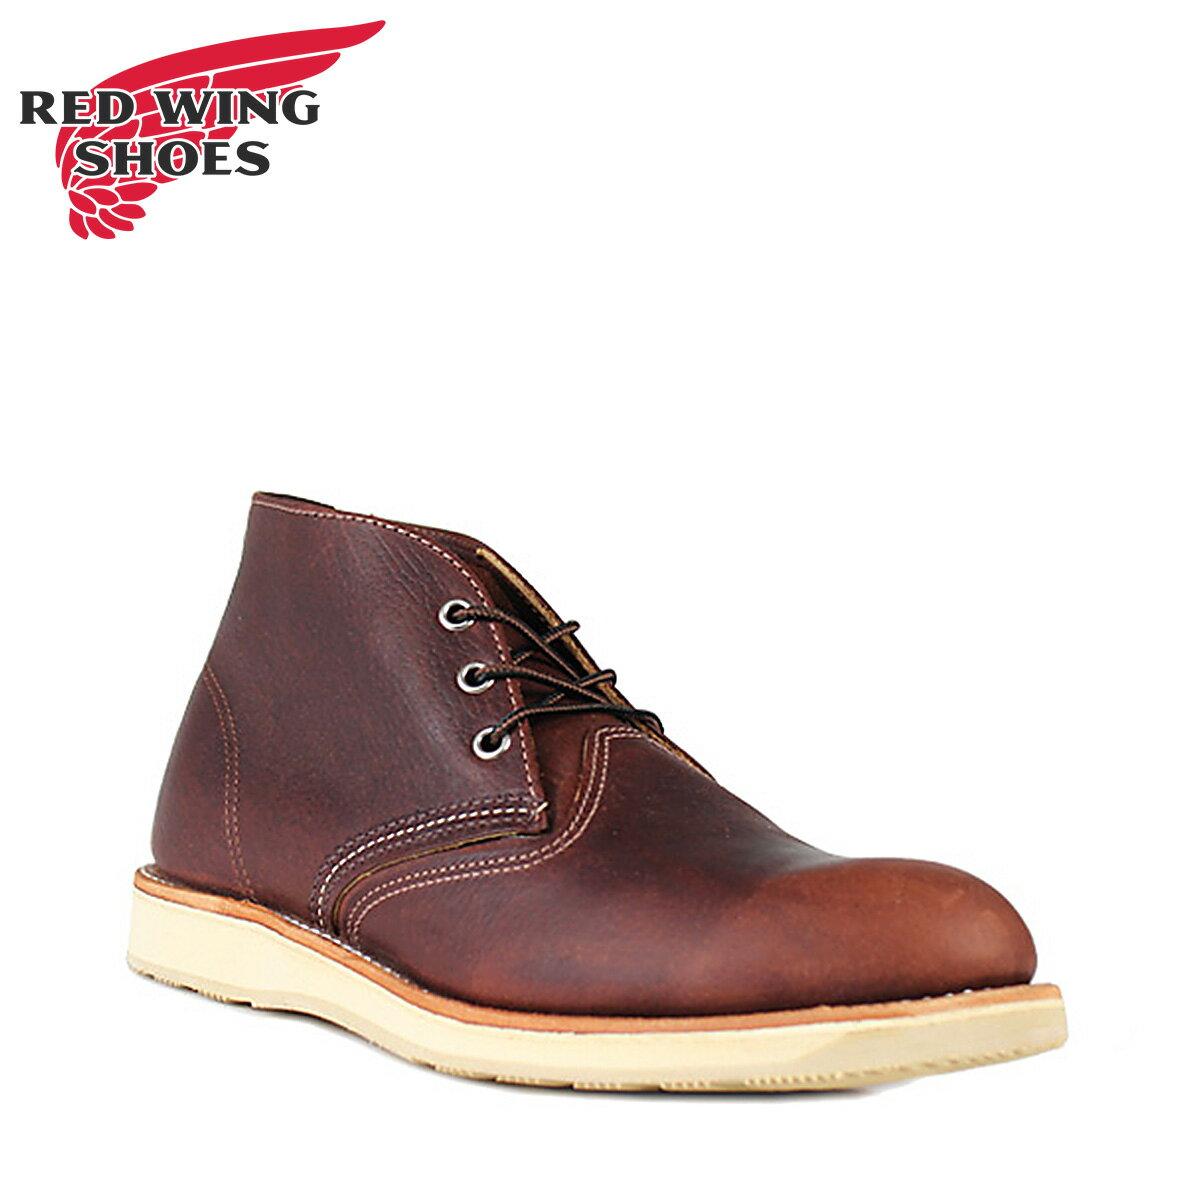 レッドウィング RED WING ブーツ チャッカブーツ CLASSIC CHUKKA クラシック チャッカ Dワイズ 3141 レッドウイング ワークブーツ メンズ [2/10 追加入荷]